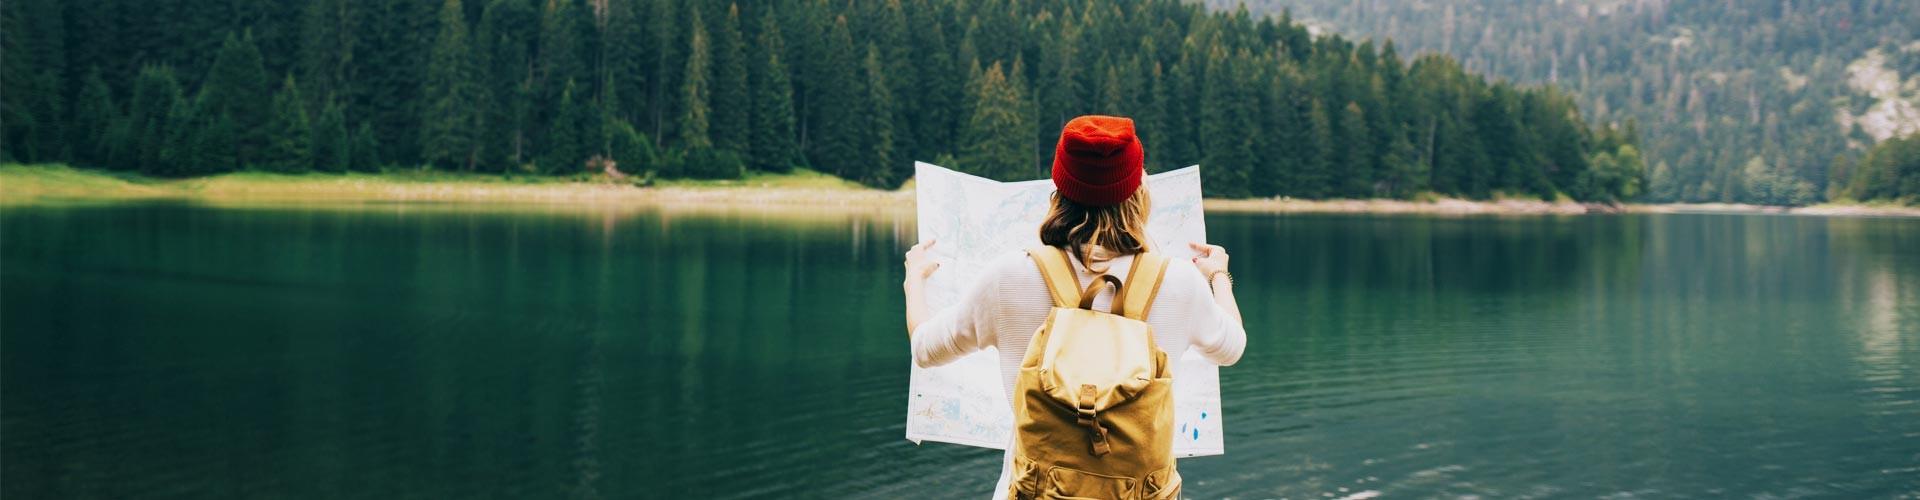 Richtig geplant ein erholsamer Kurztrip im Berchtesgadener Land